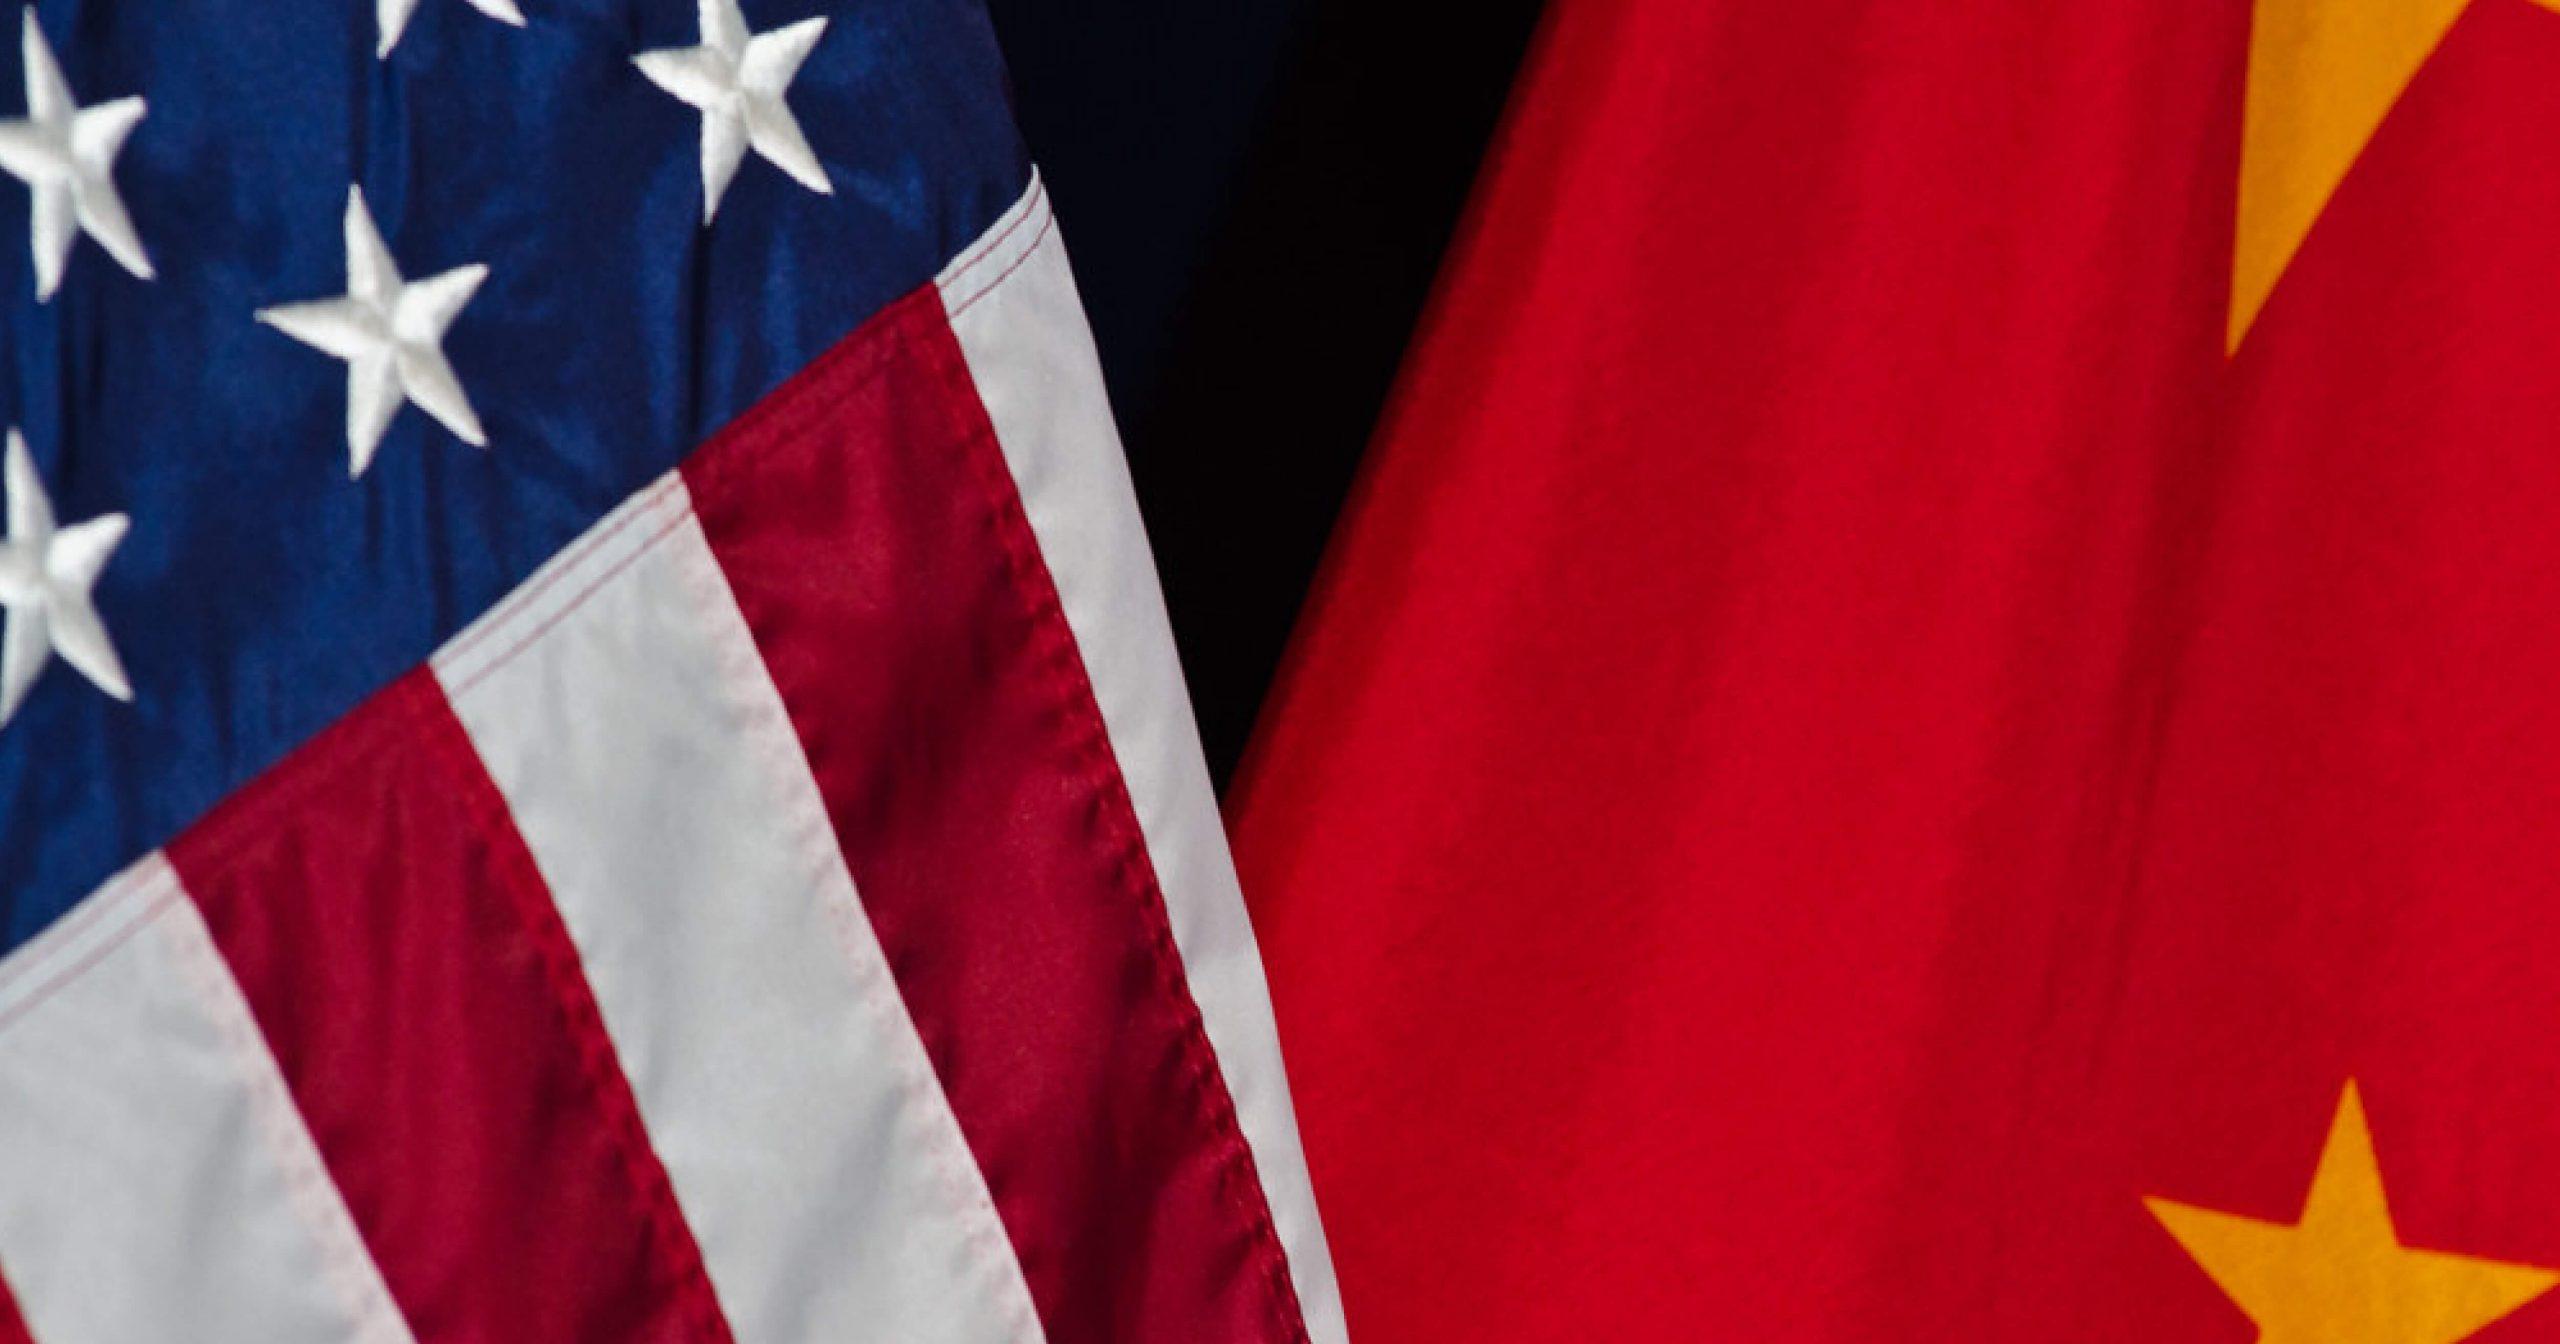 Banderas de Estados Unidos y China